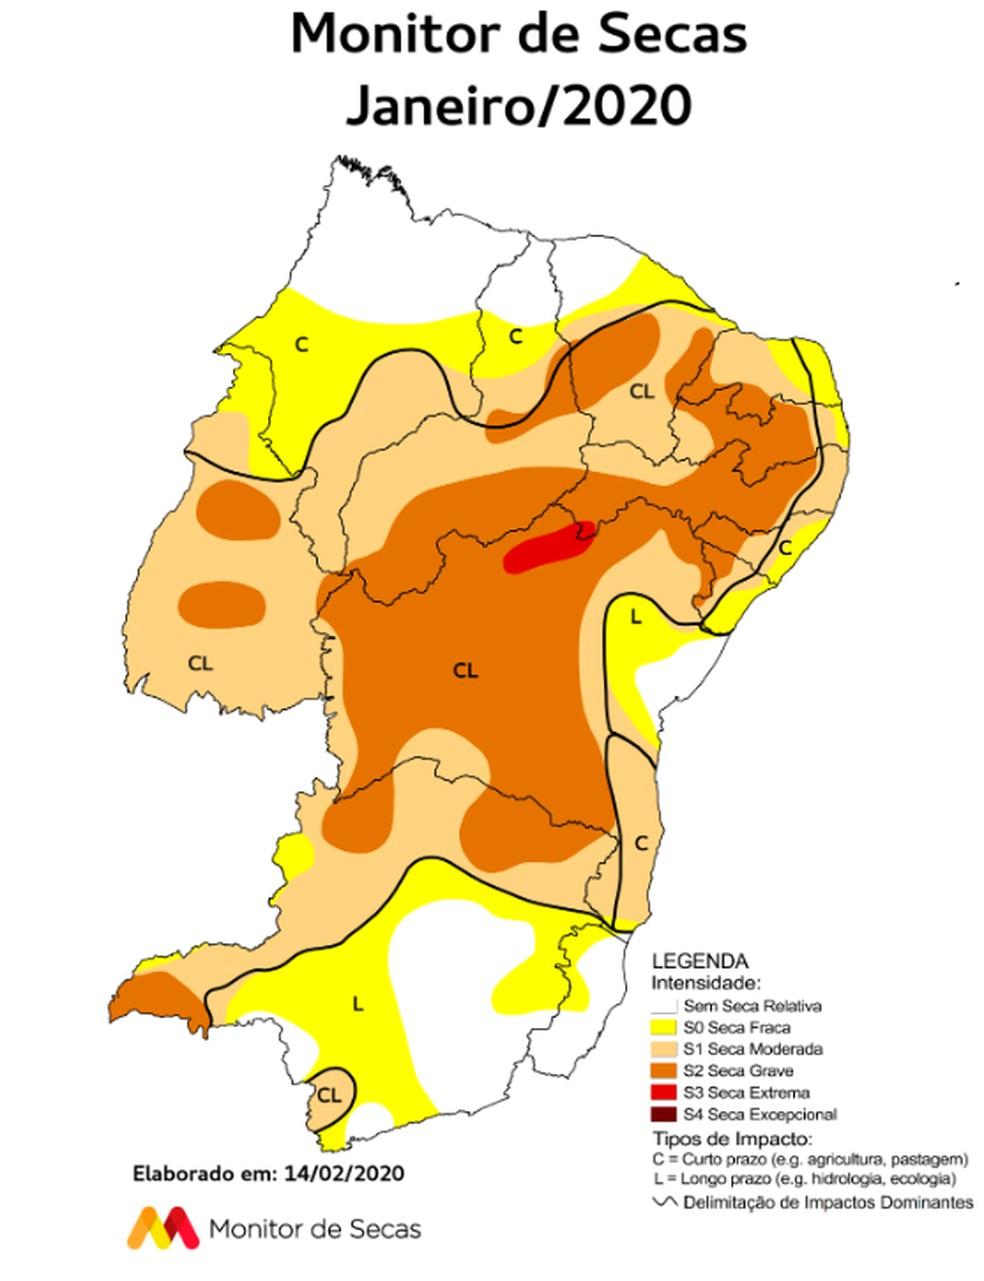 O Ceará apresentou grande variabilidade espacial e temporal nas precipitações ao longo do mês de janeiro.  — Foto: Monitor de Secas